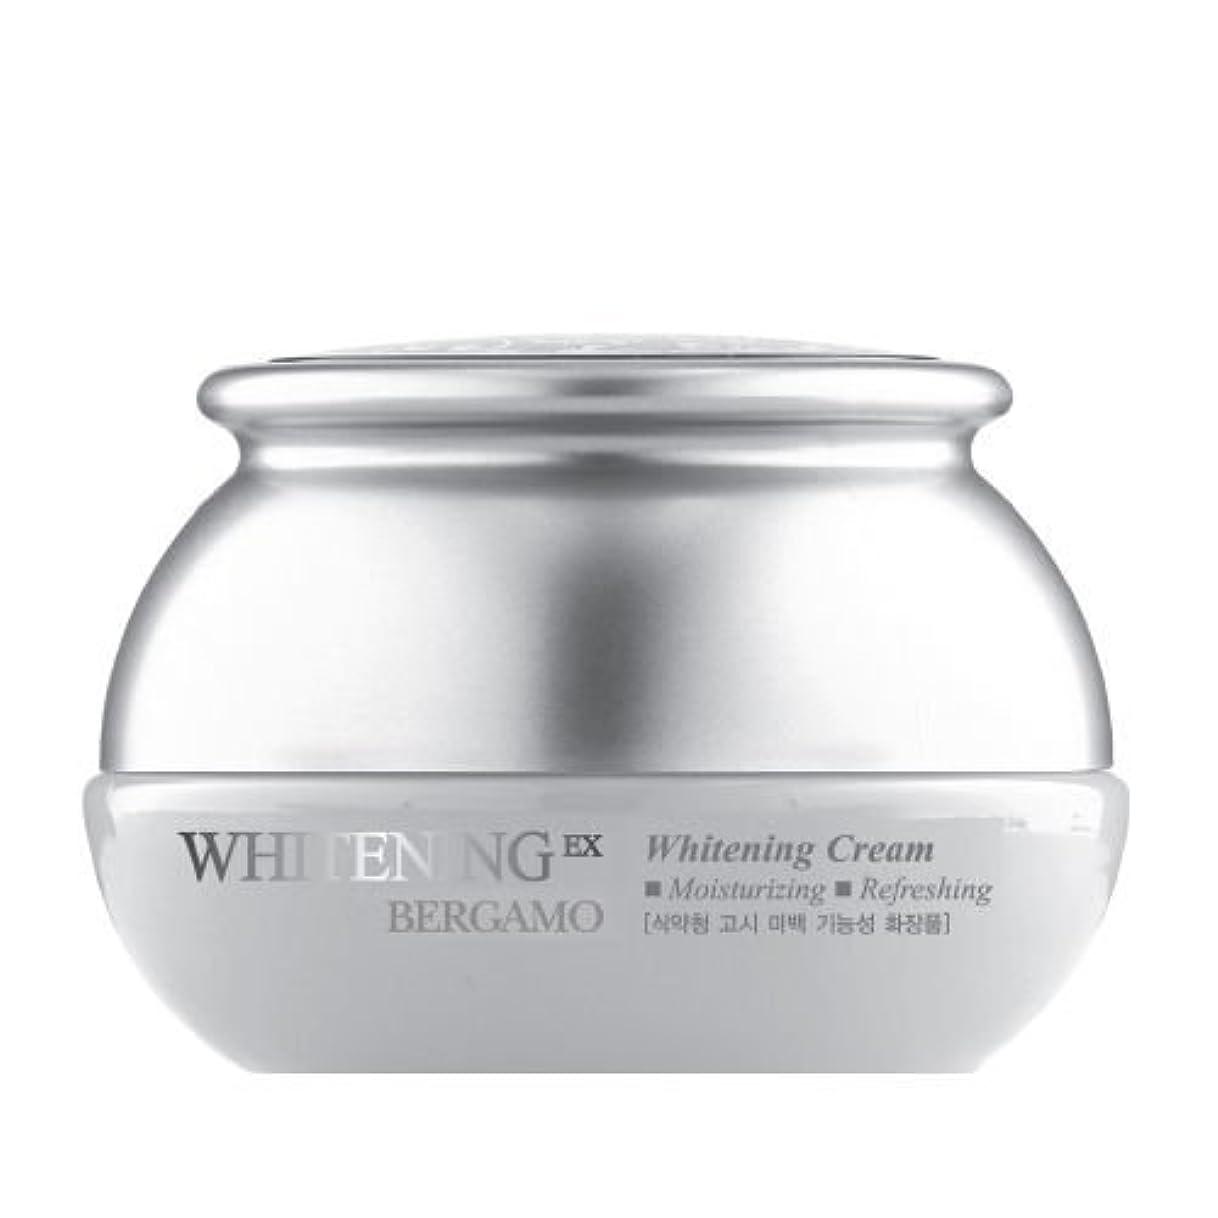 ファセットペック必要ないベルガモ[韓国コスメBergamo]Whitening EX Wrinkle Care Cream ホワイトニングEXリンクルケアクリーム50ml しわ管理 [並行輸入品]